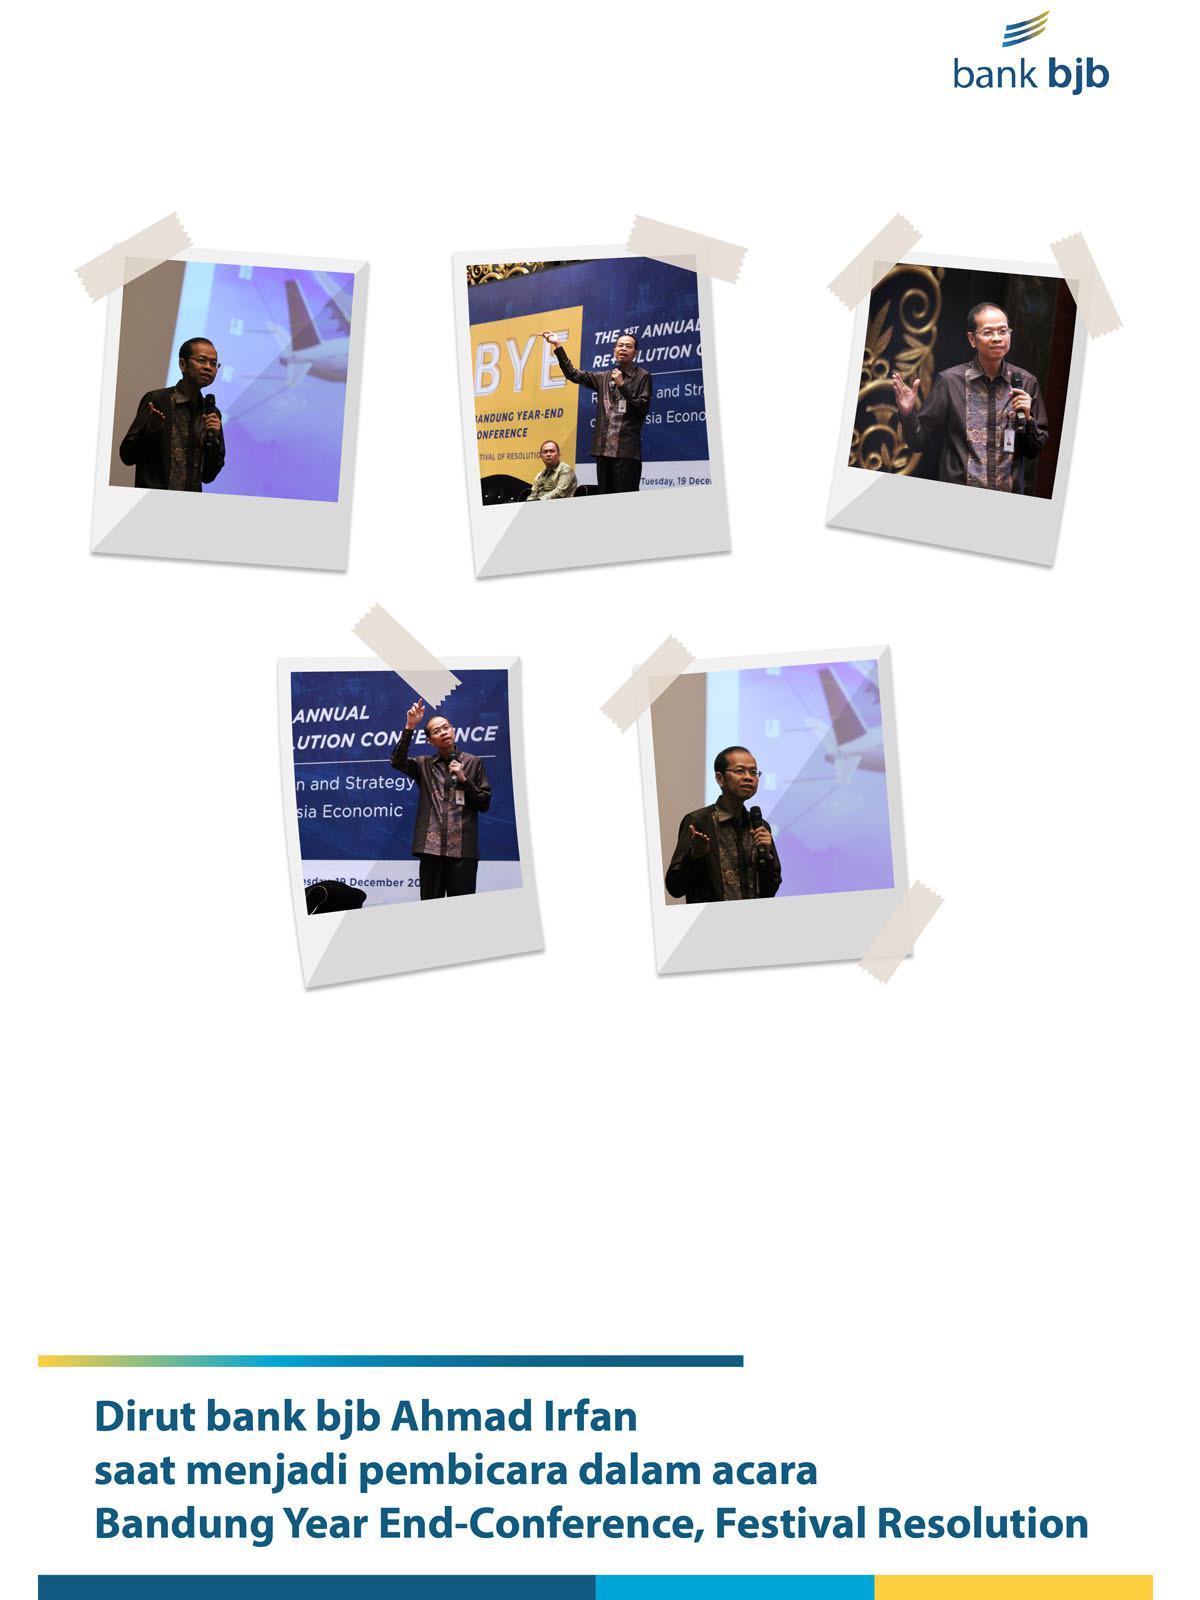 TANTANGAN TEKNOLOGI, Direktur Utama bank bjb Ahmad Irfan saat menjadi pembicara pada Bandung Year-End Conference, Festival of Resolution, di Bandung 19 Desember 2017.